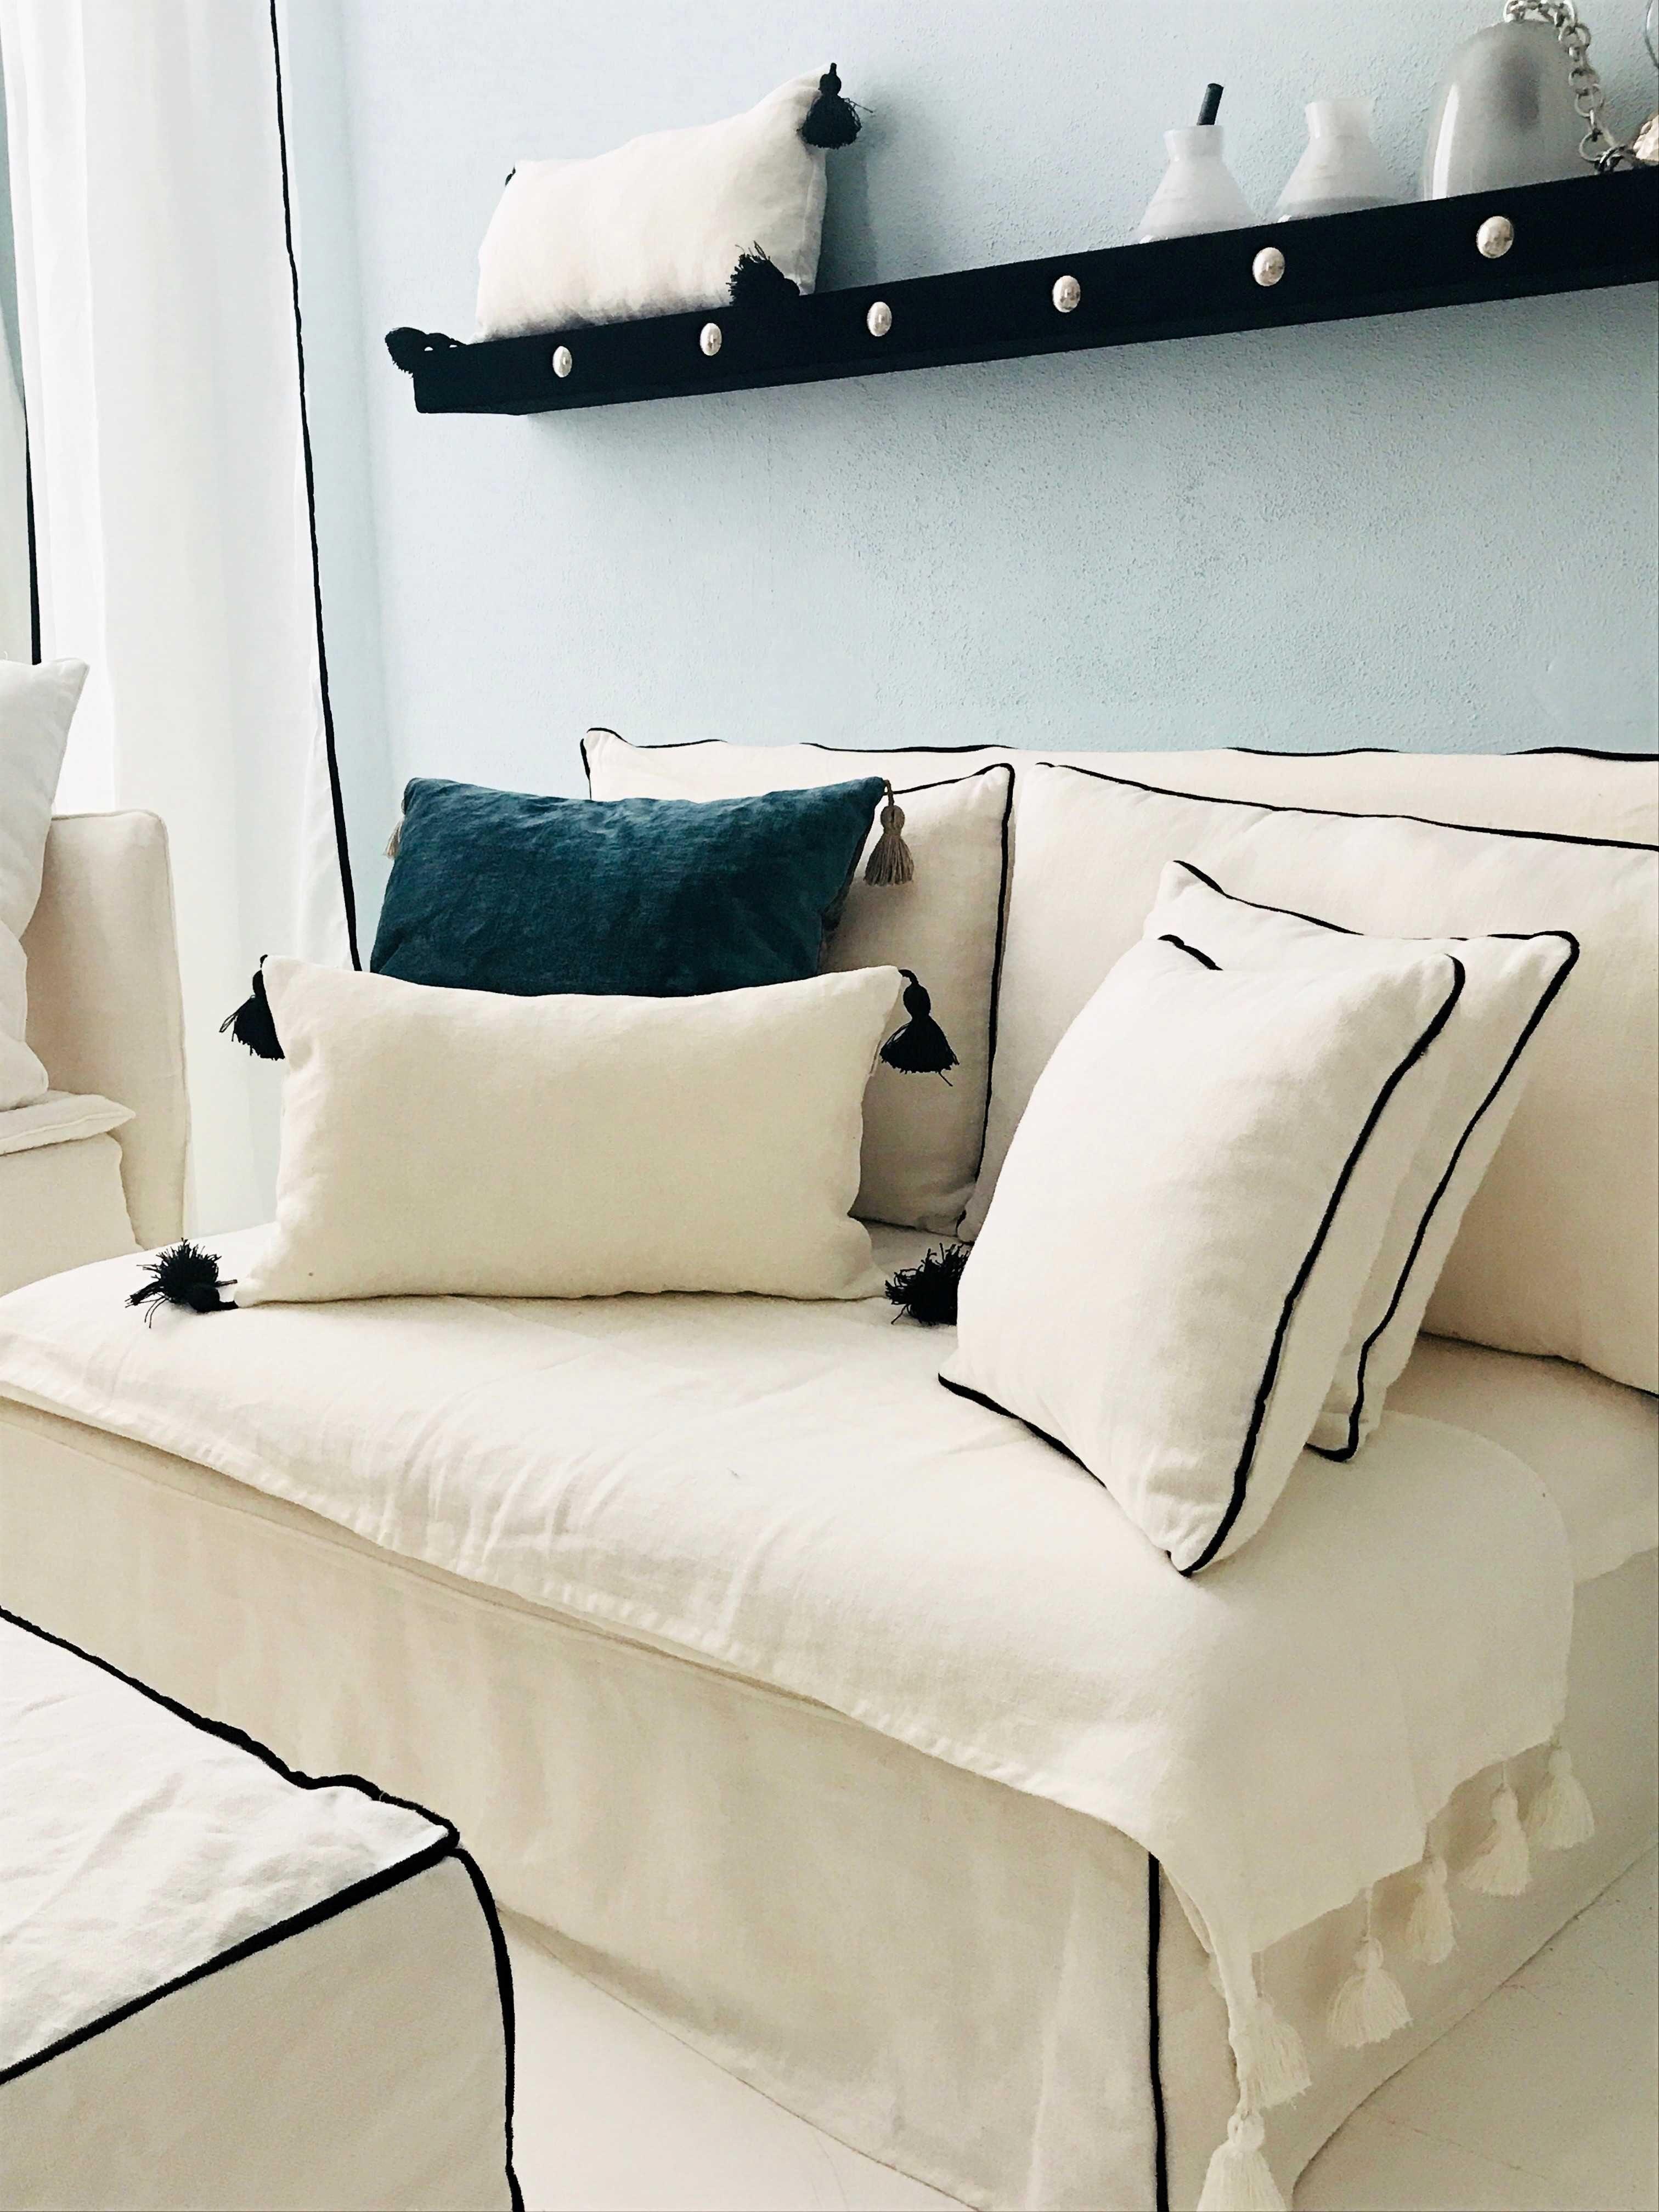 Canapé Convertible Lit Superposé Nouveau Engageant Canapé Lit Superposé Dans 37 Idées Canapé Convertible Lit